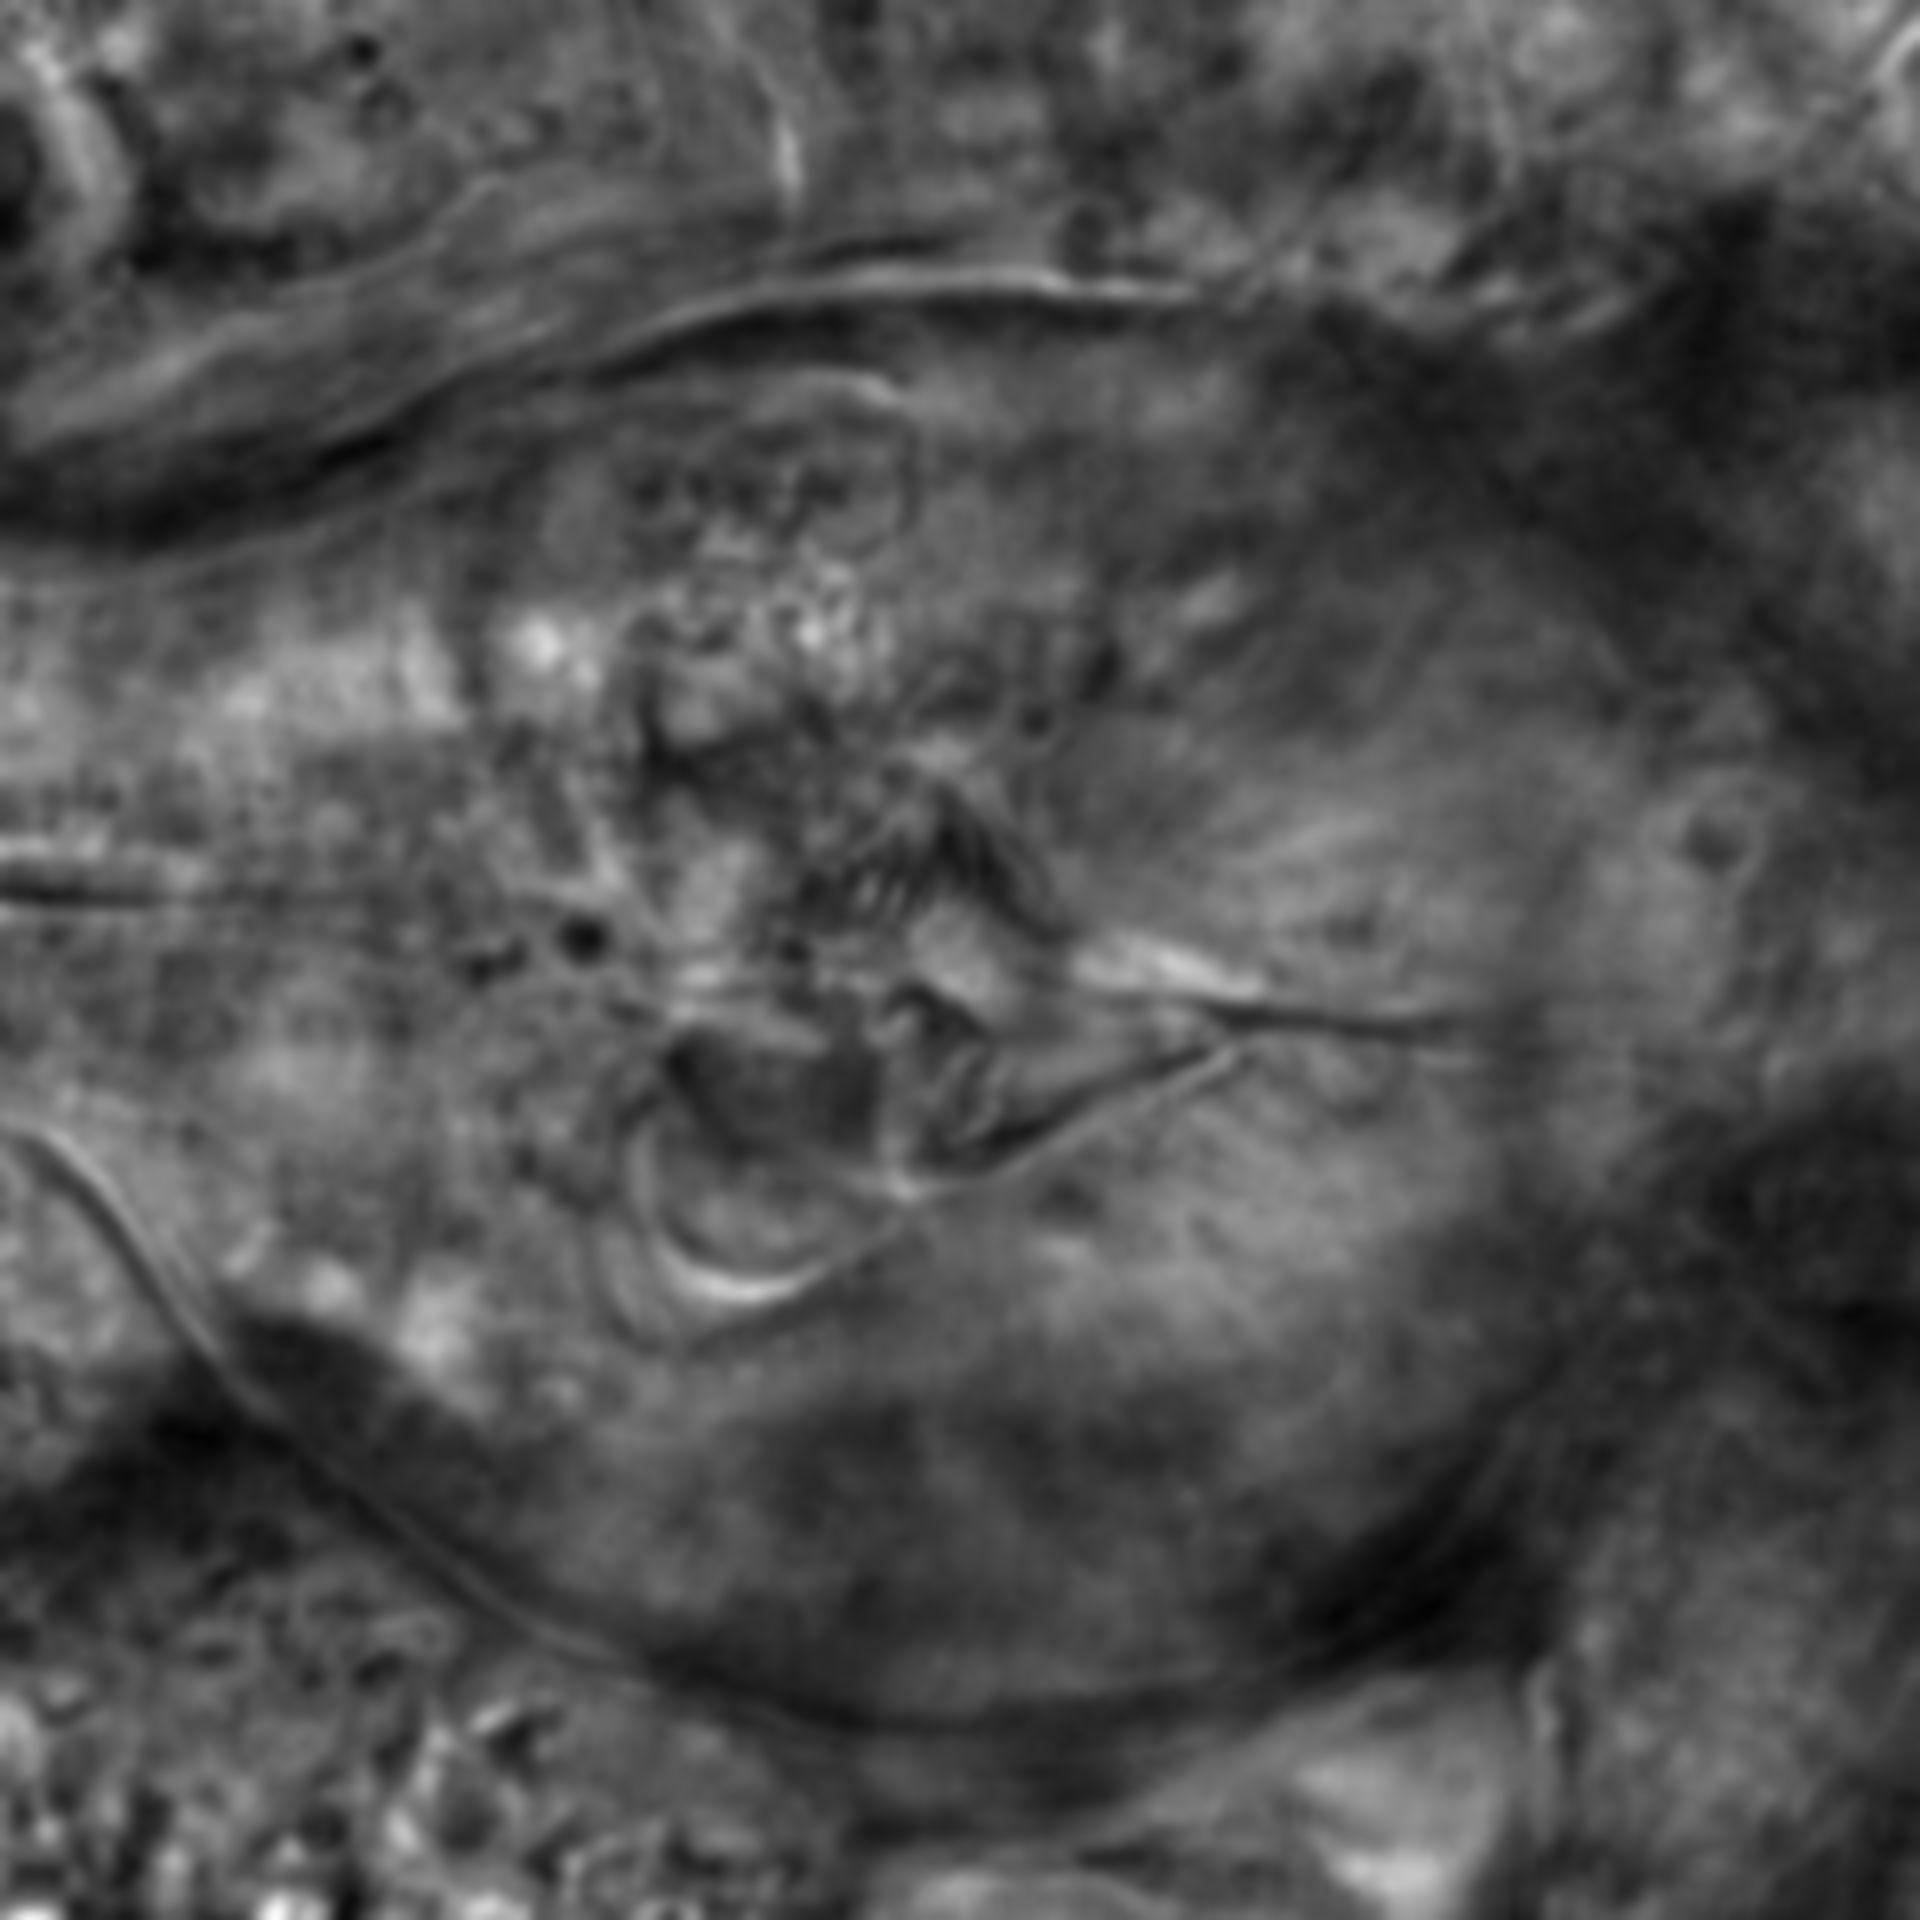 Caenorhabditis elegans - CIL:2802